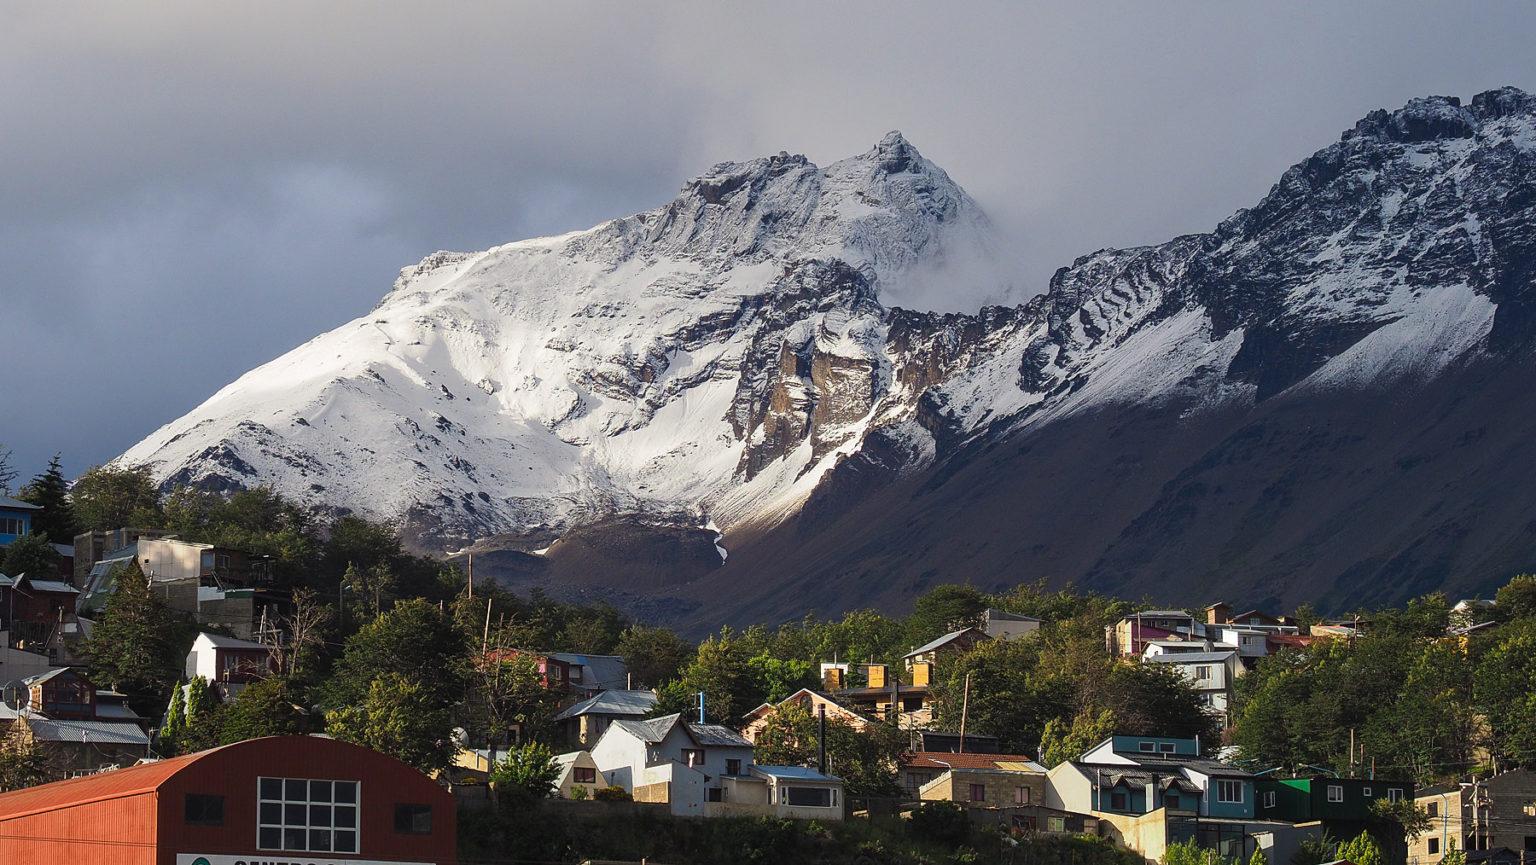 Frisch gefallener Schnee im Sommer in Ushuaia